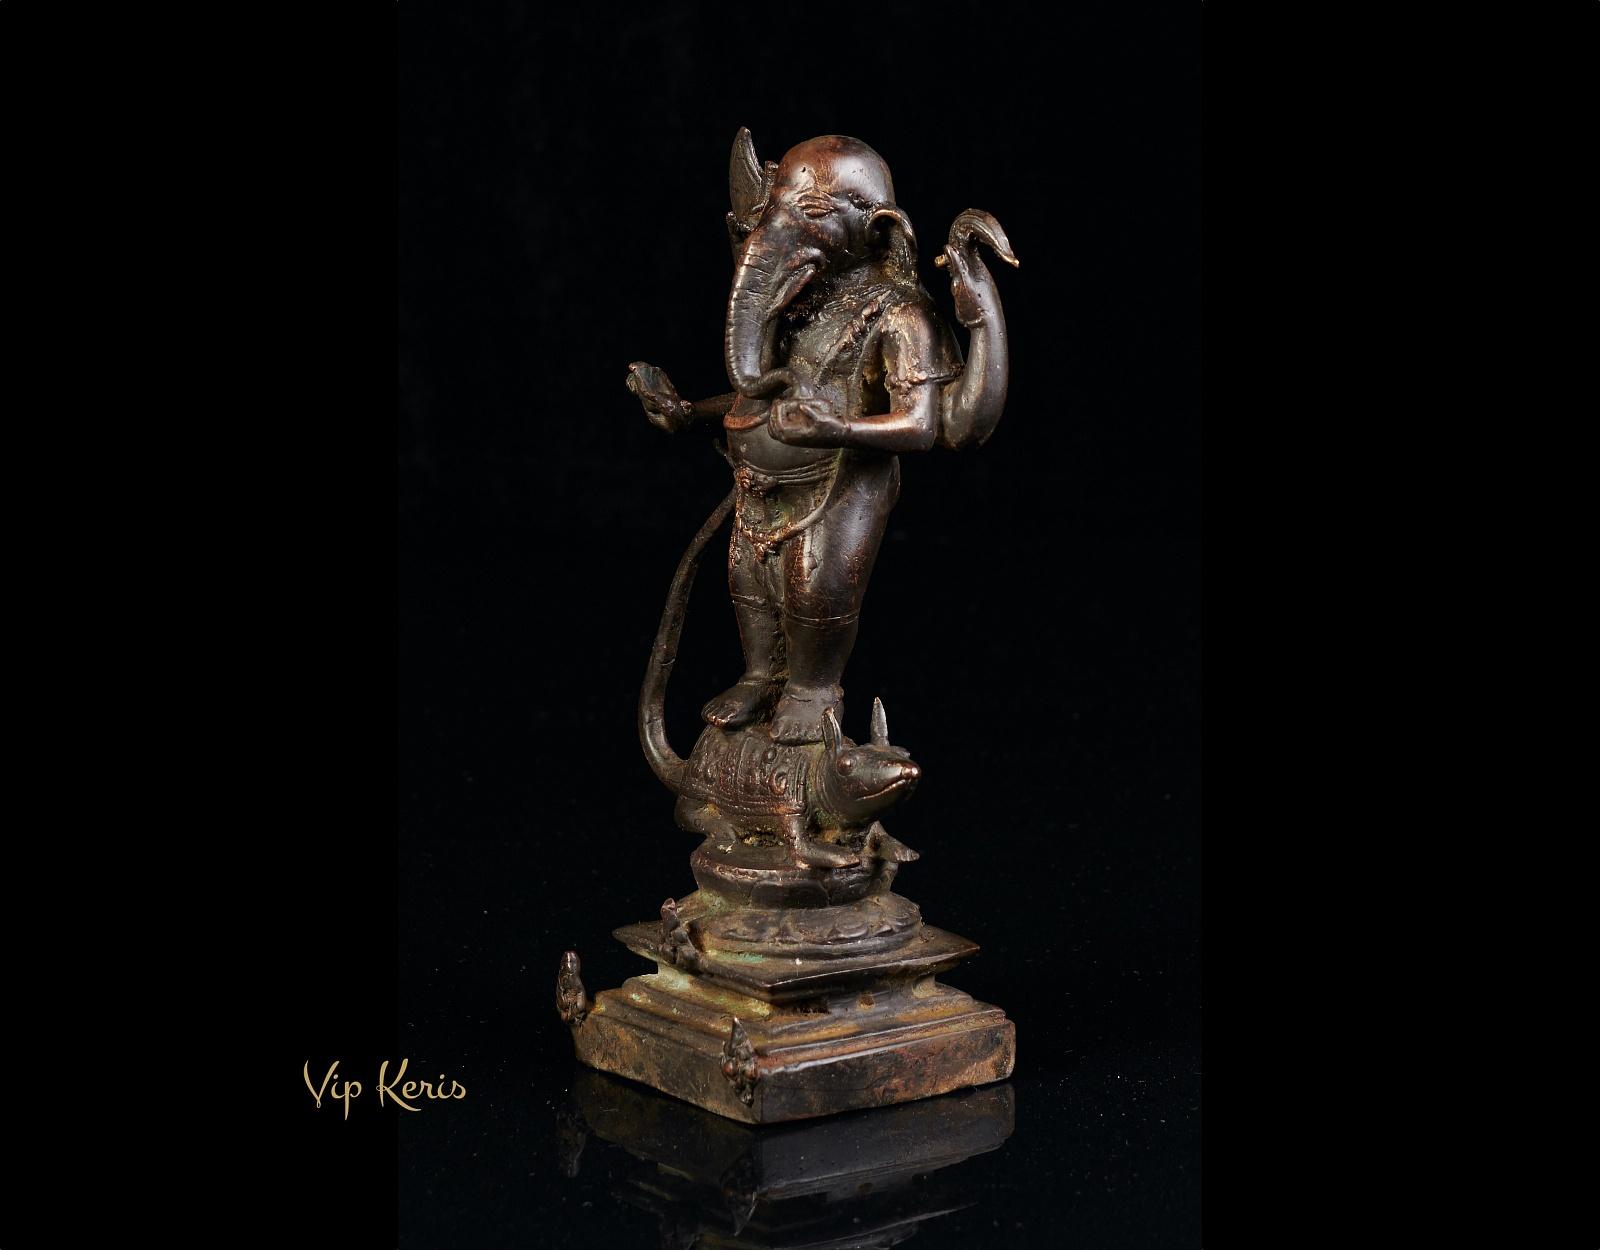 Старинная алтарная статуя Ганеша на мышке Мушаке фото VipKeris